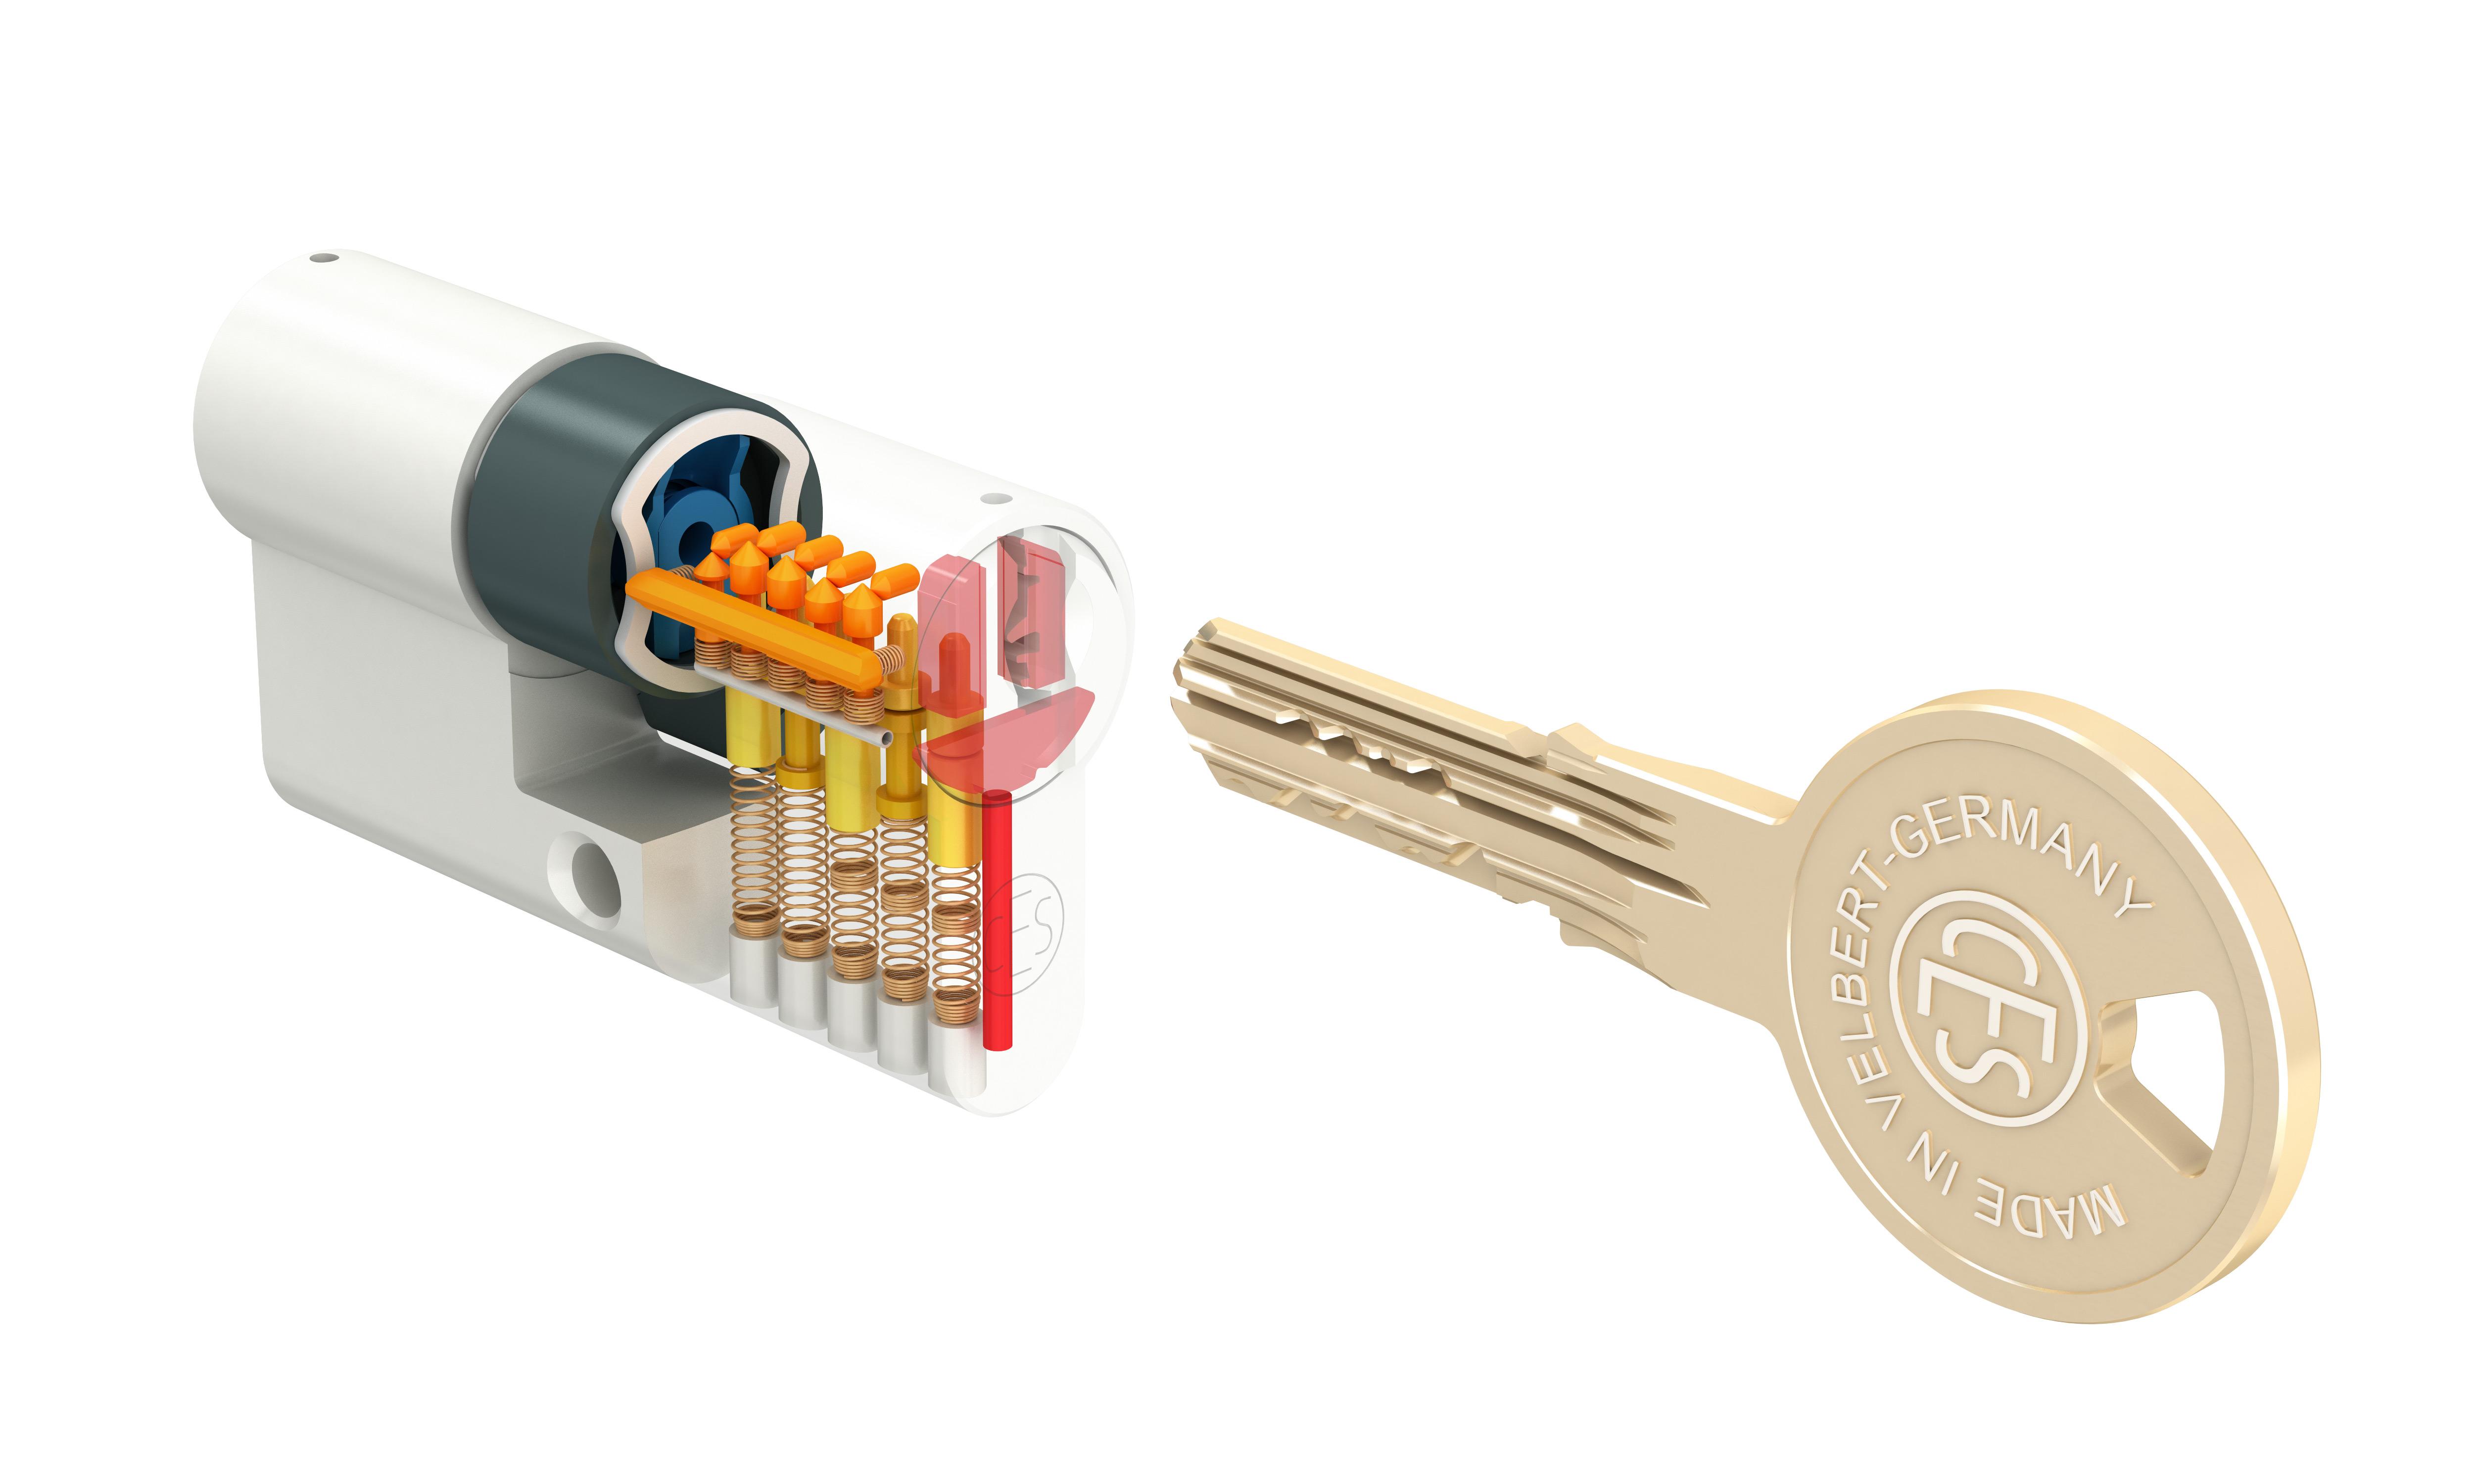 VdS zertifizierter Sicherheitszylinder von CES